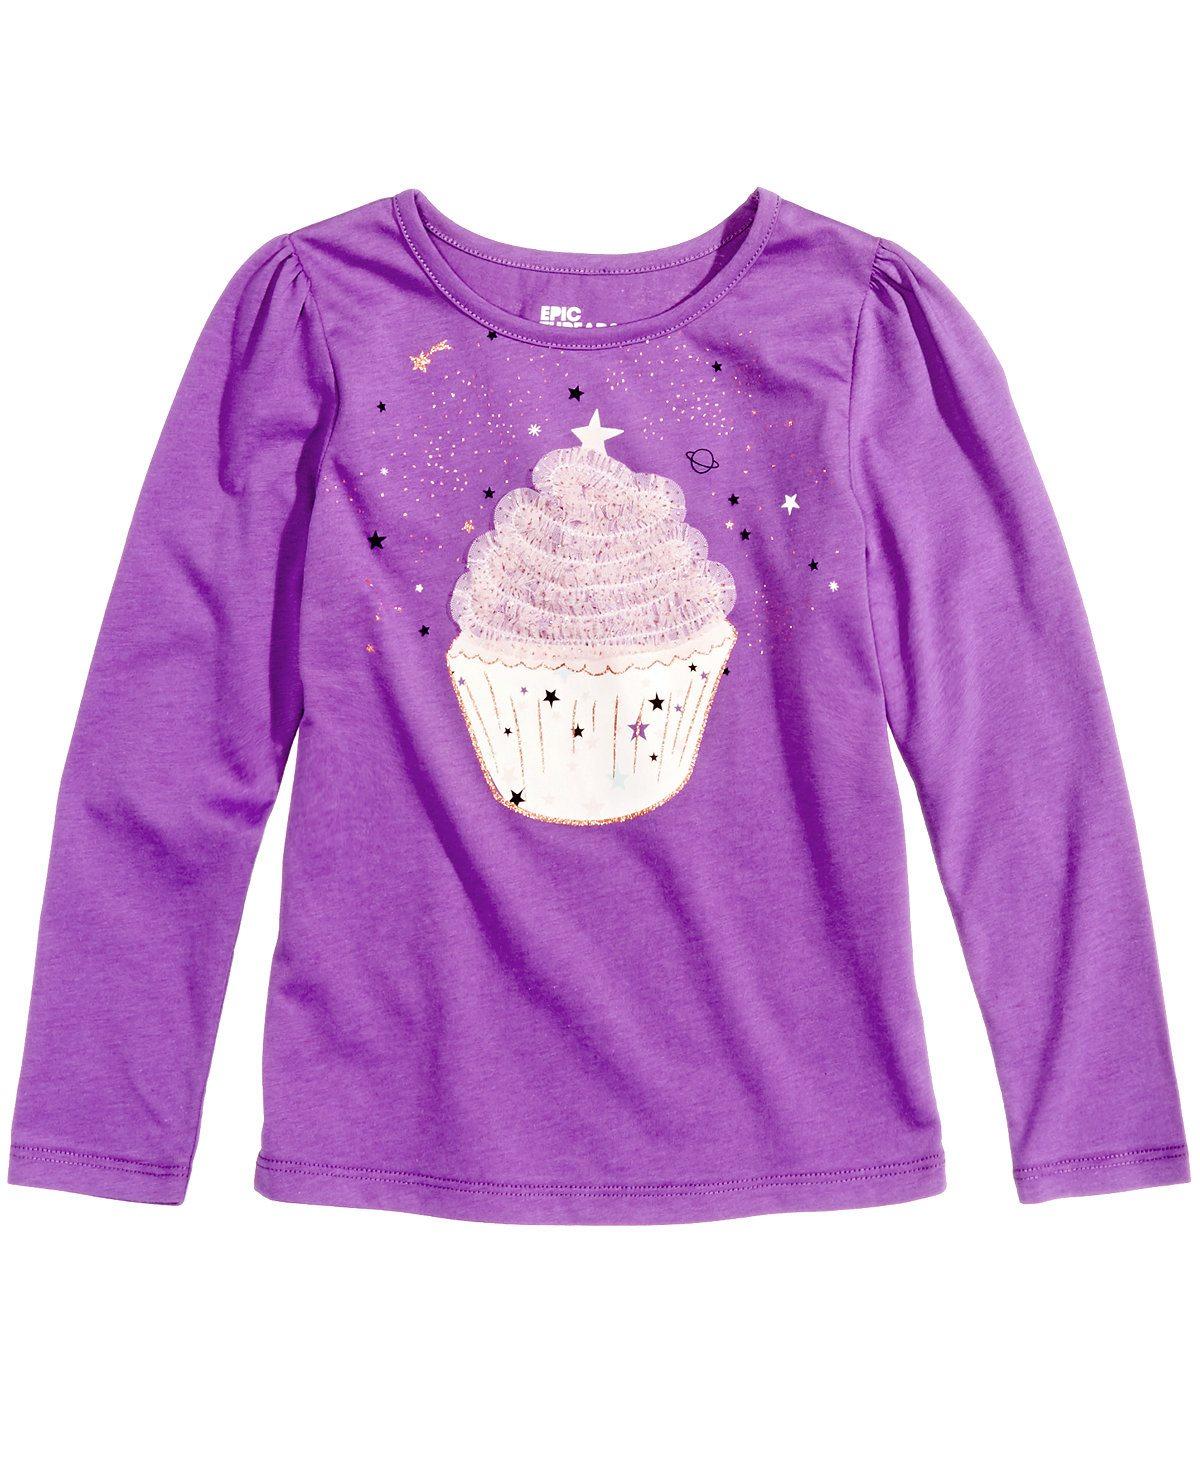 Cupcake shirt girls